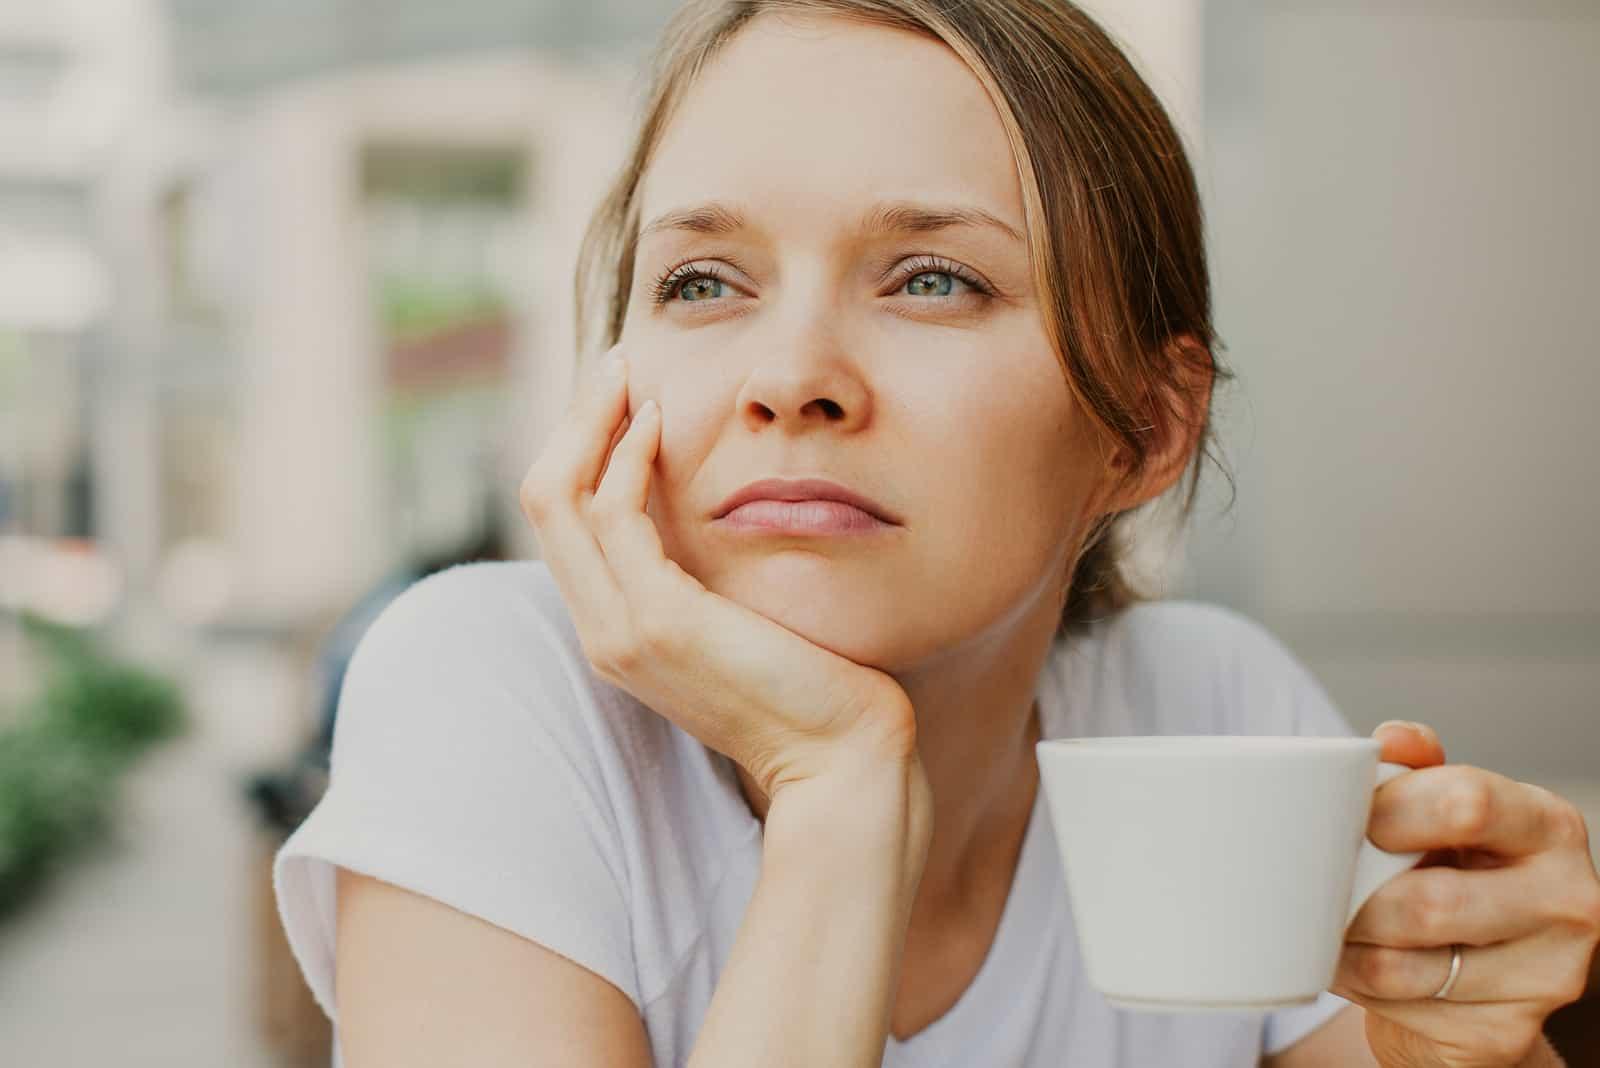 nachdenkliche junge schöne Frau, die Kaffee trinkt